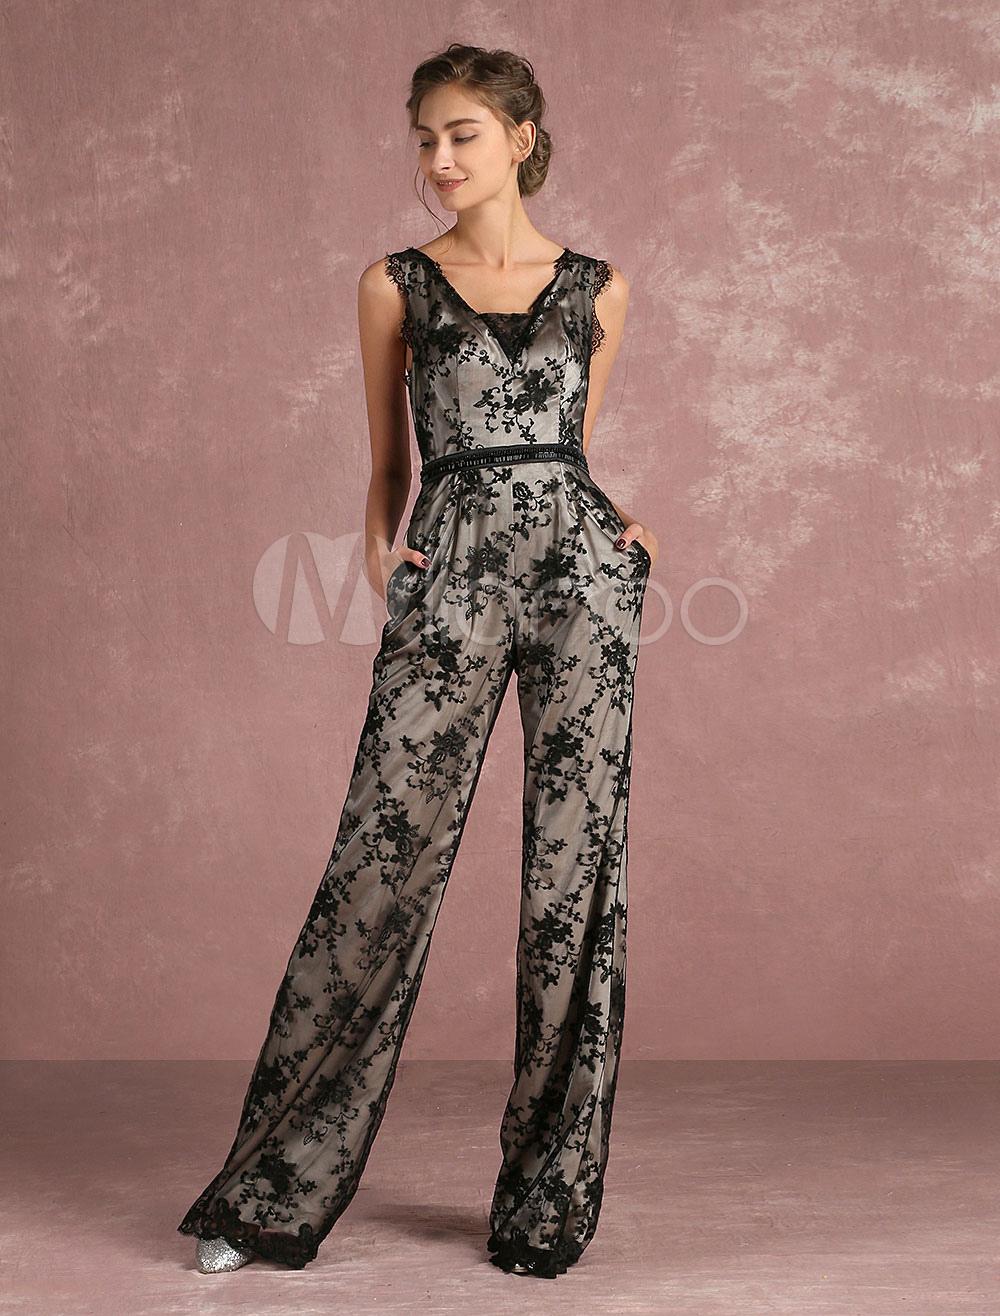 combinaison noire dentelle v cou sans manches dos nu jambe droite formelle jumpsuit habill s en. Black Bedroom Furniture Sets. Home Design Ideas